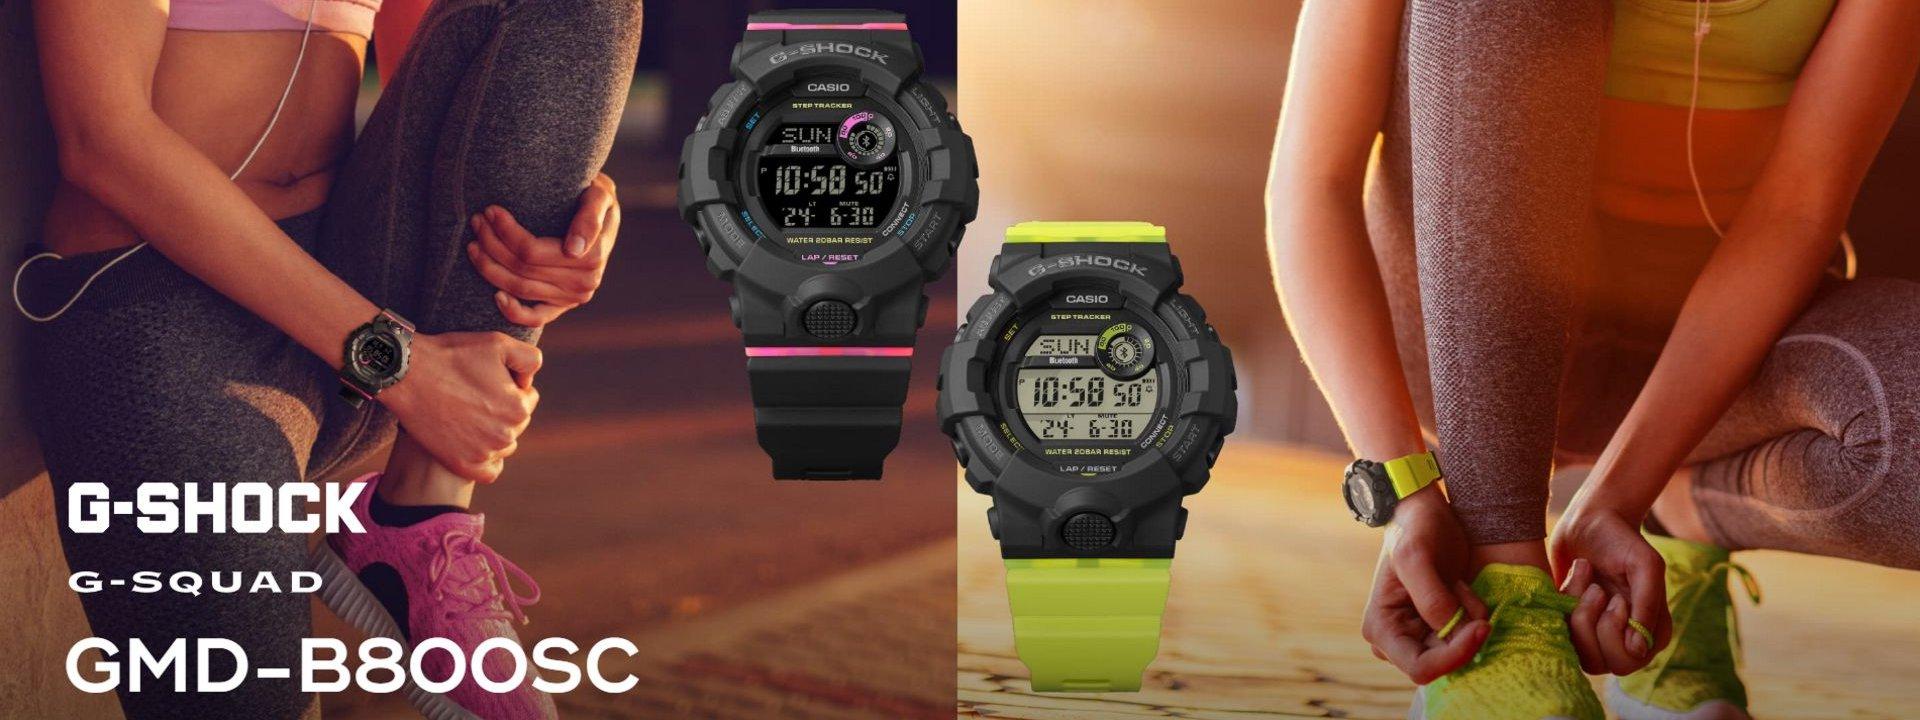 Novos Relógios G-Shock G-Squad